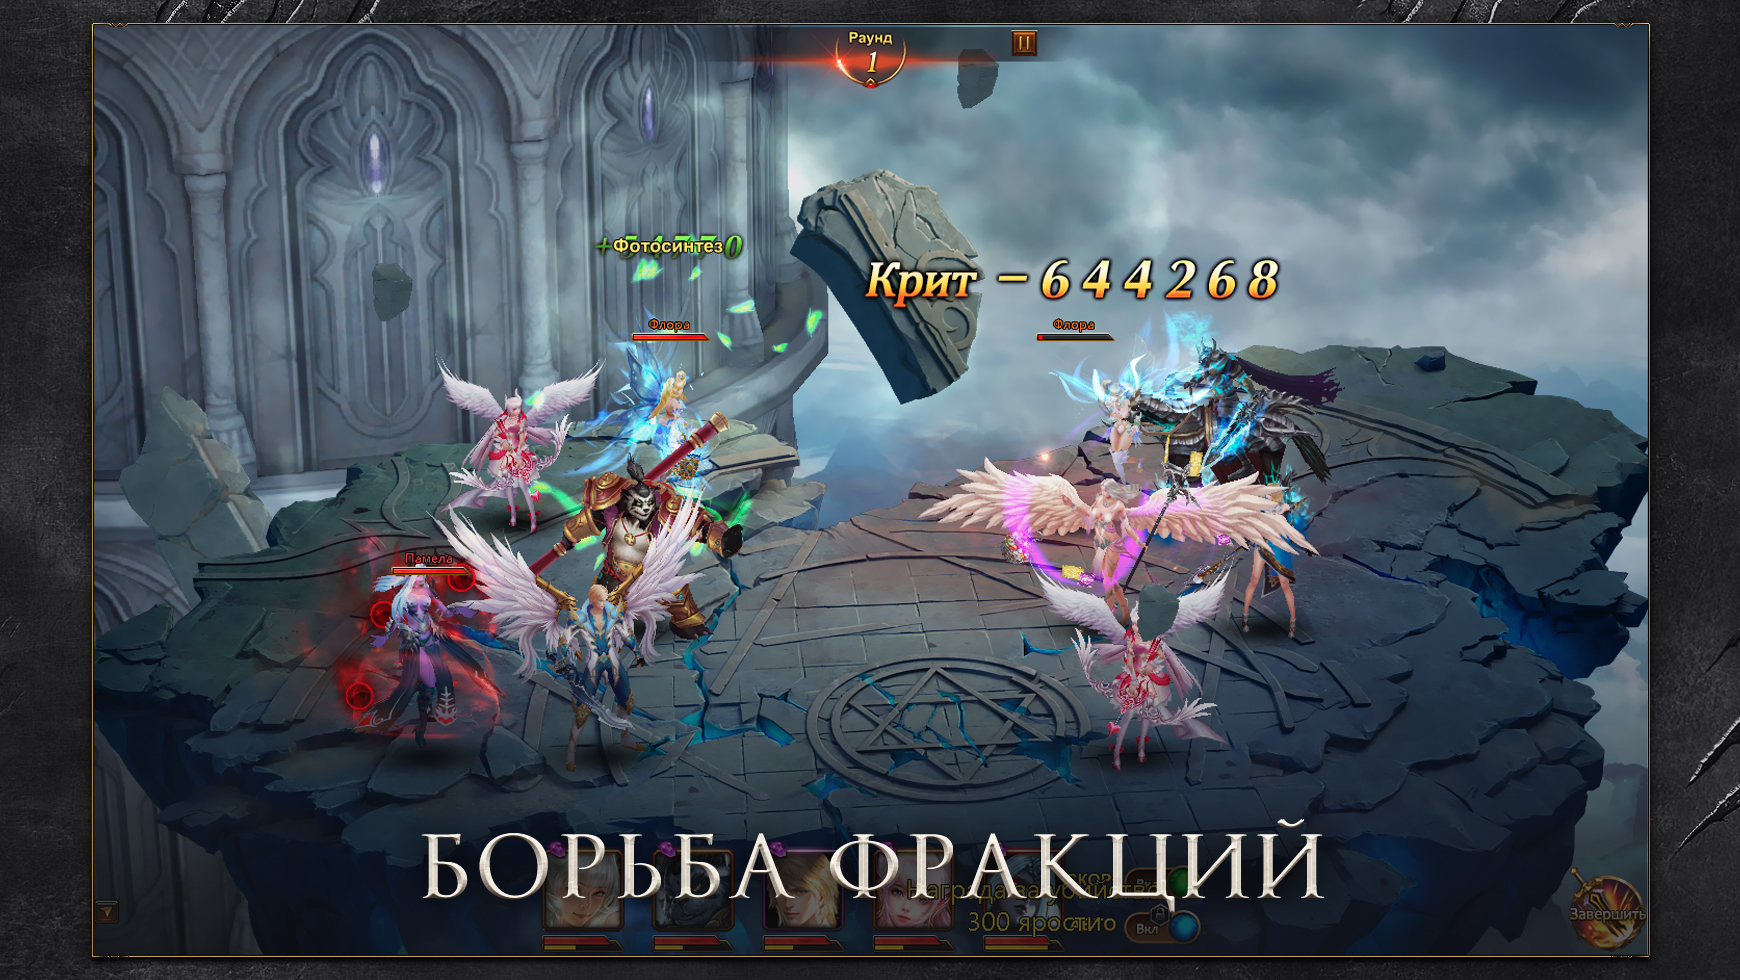 Лига ангелов II